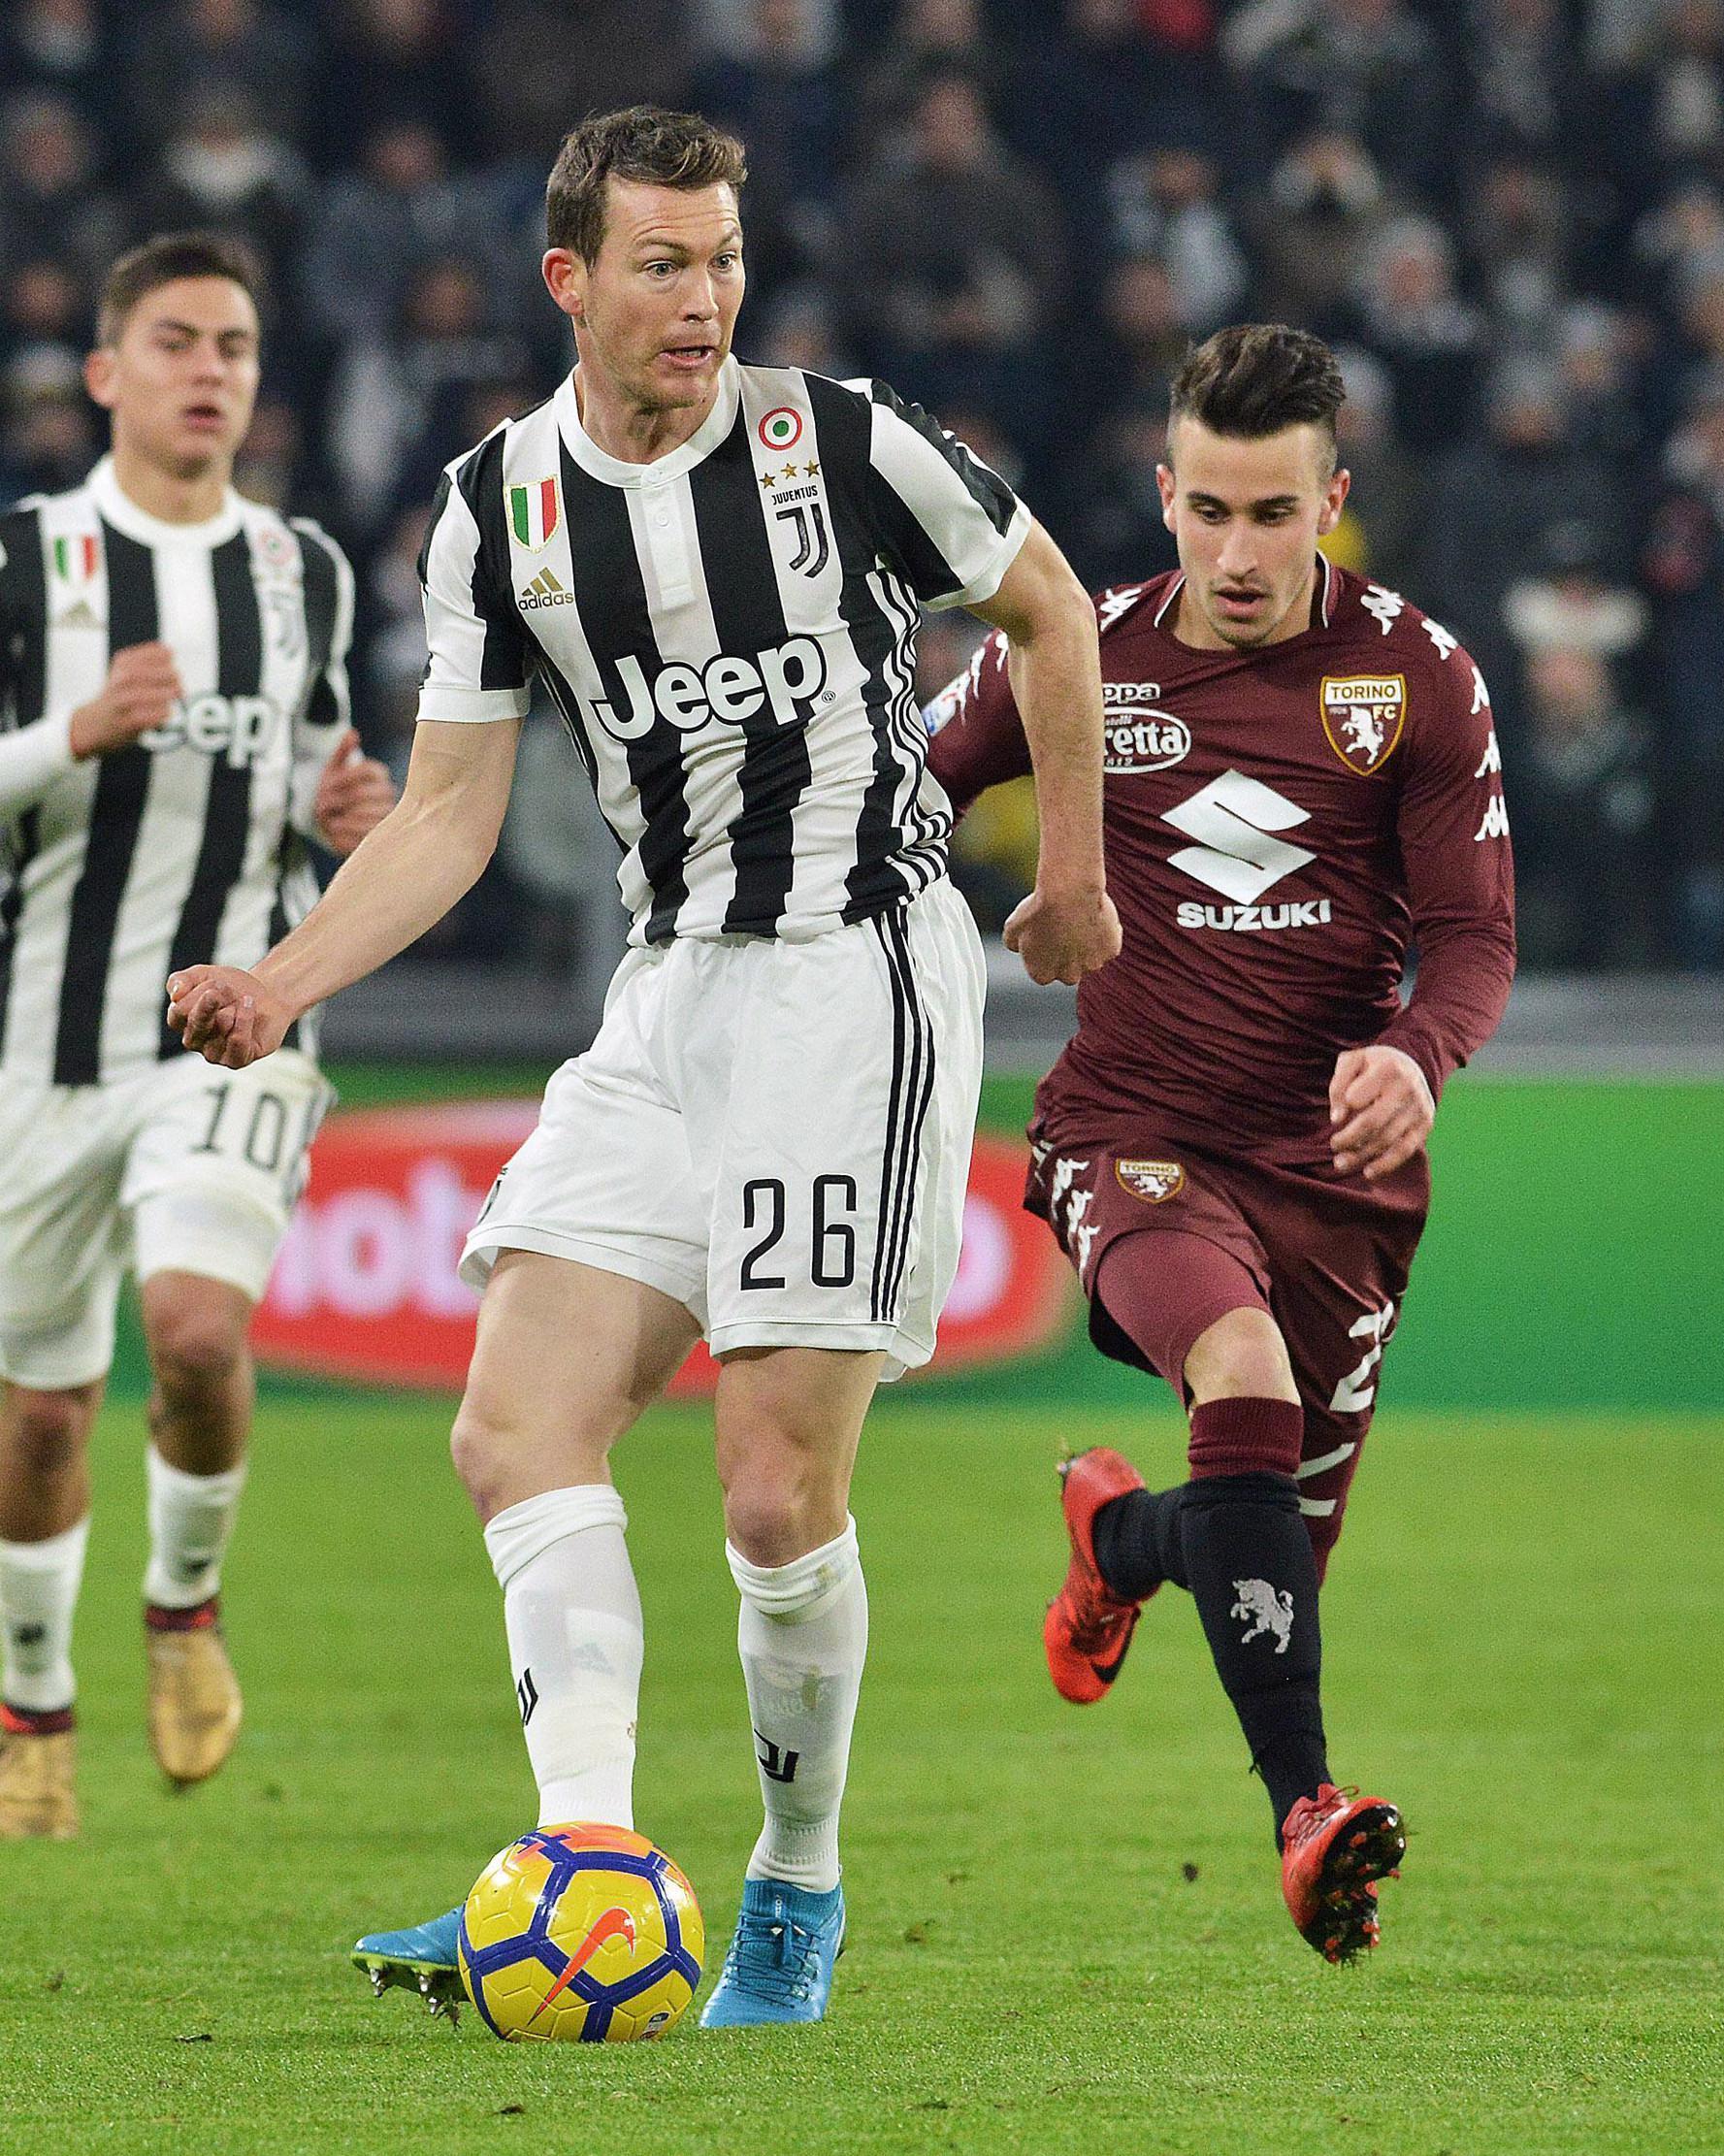 Pemain Juventus Stephan Lichtsteiner mengendalikan bola dalam lanjutan Coppa Italia kontra klub sekota mereka, Torino di Stadion Allianz, Rabu (3/1). Juventus berhasil menang dengan skor 2-0 dan melenggang ke babak semifinal. (AP/Andrea Di Marco)